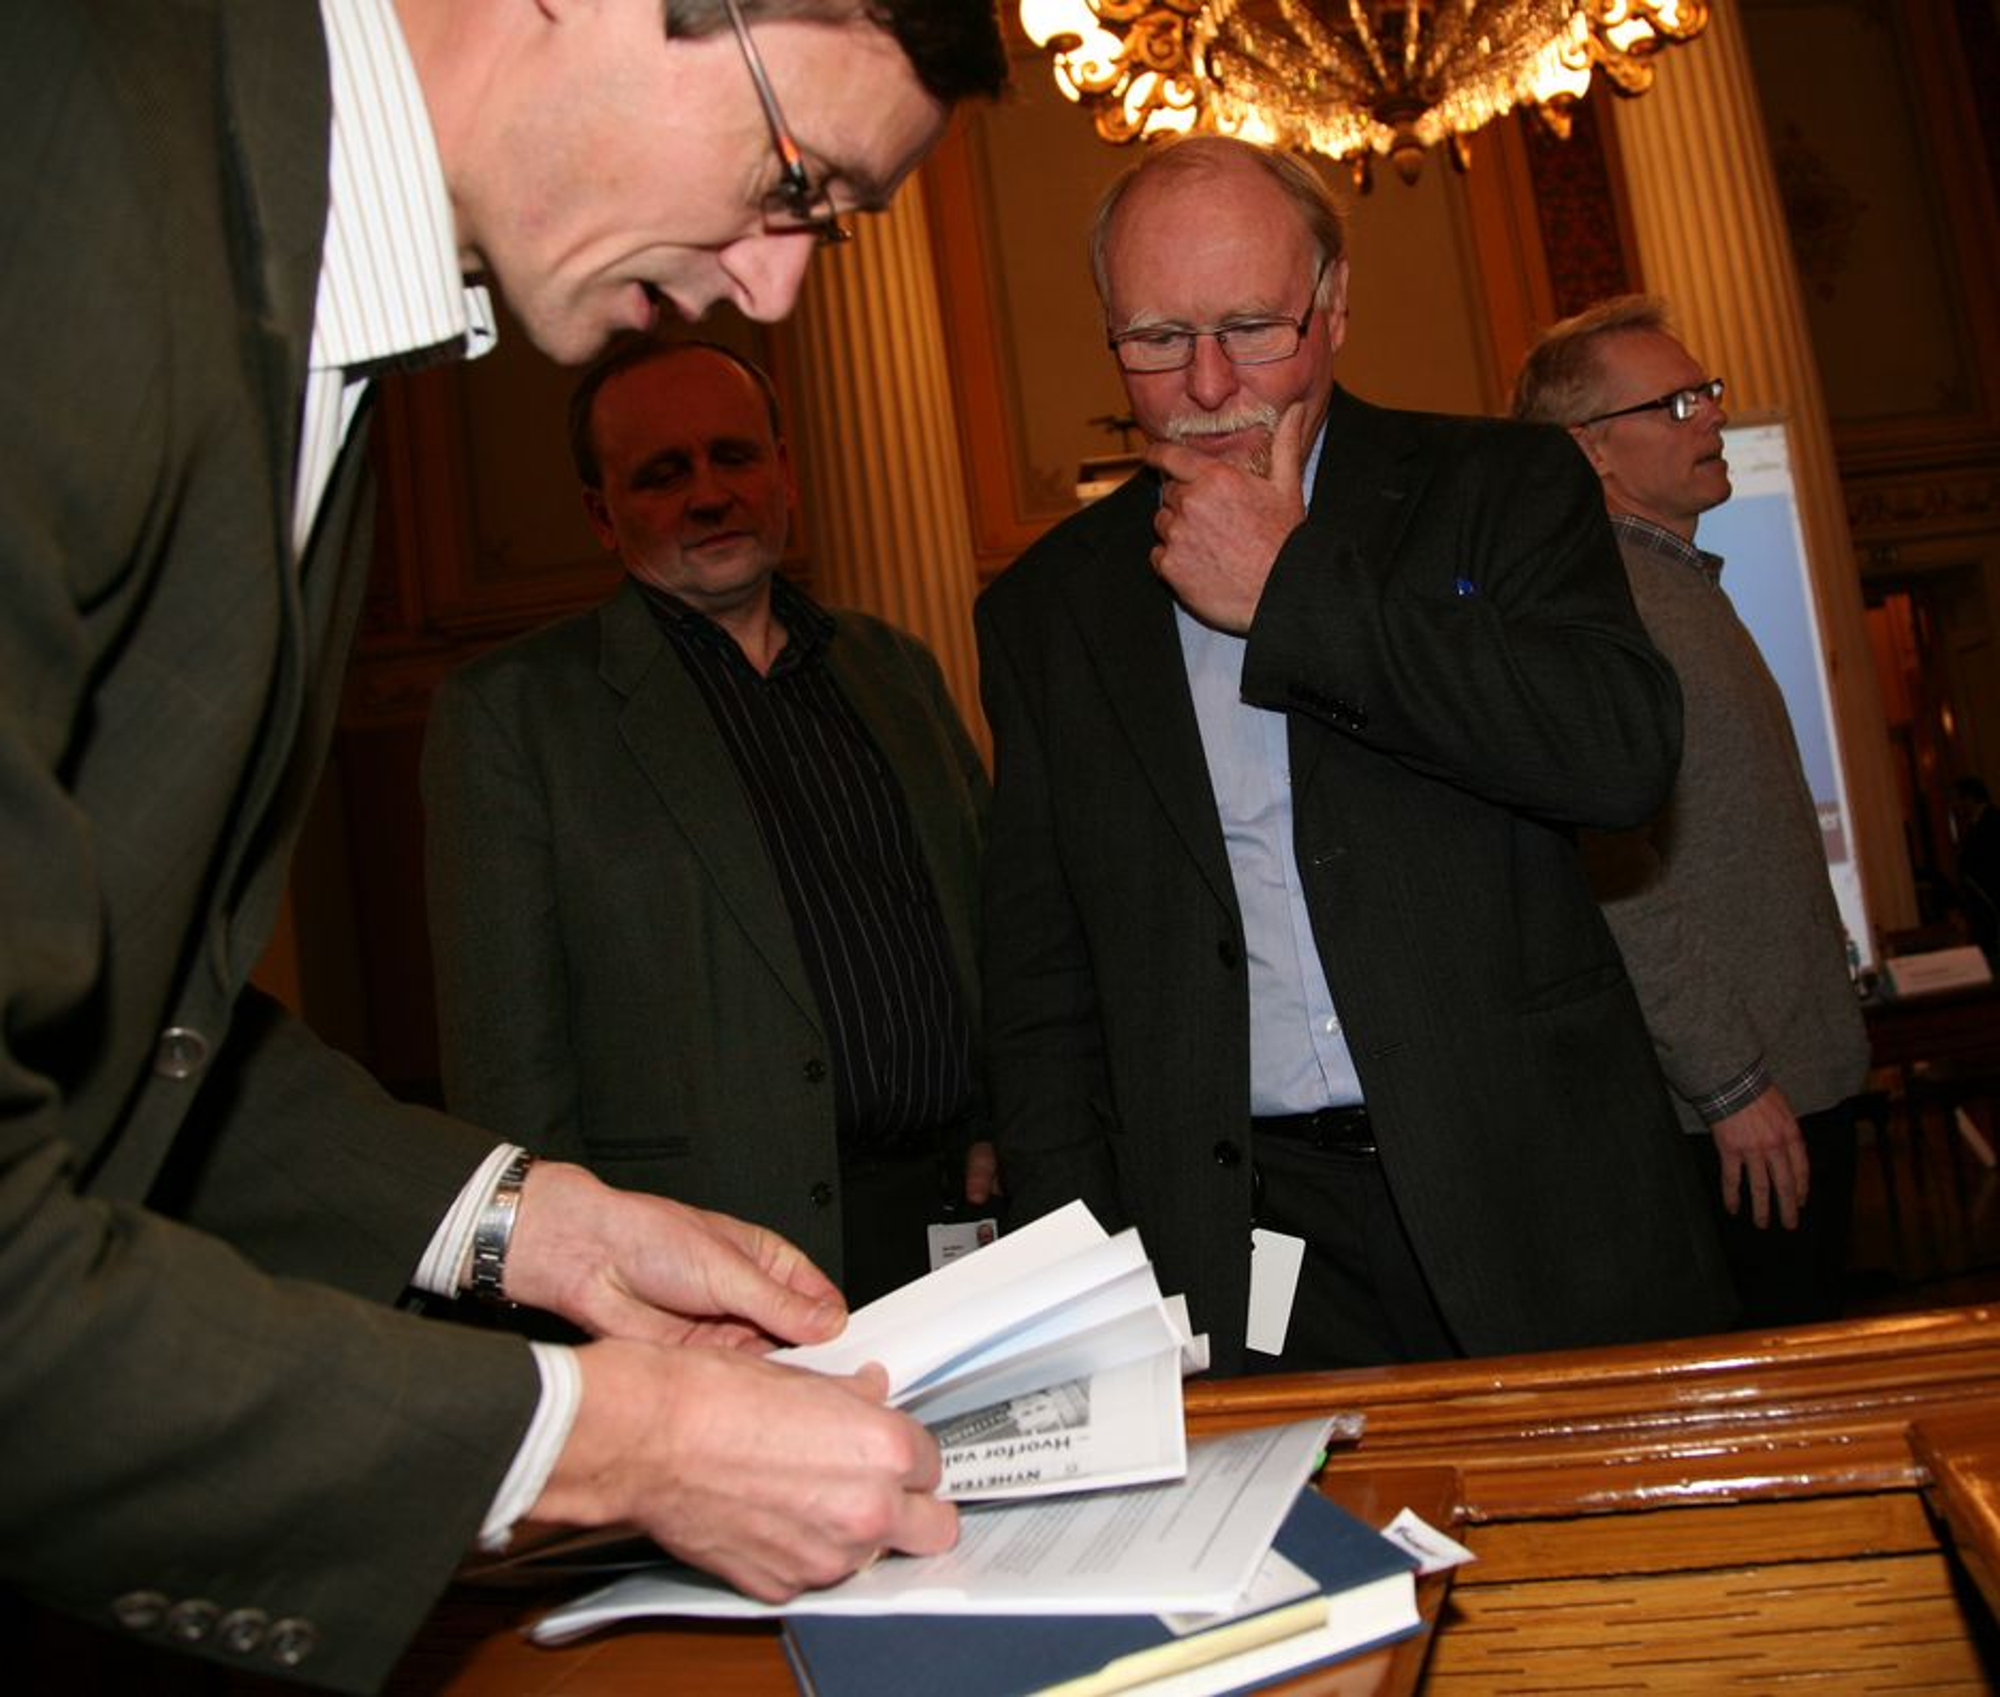 DEBATT: Kunnskapsdepartementets Lars Nerdrum var svært interessert i utspillet fra Per Olaf Aamodt (til høyre). Nils Martin Stølen, forskningssjef i SSB (bak), lyttet også nøye.